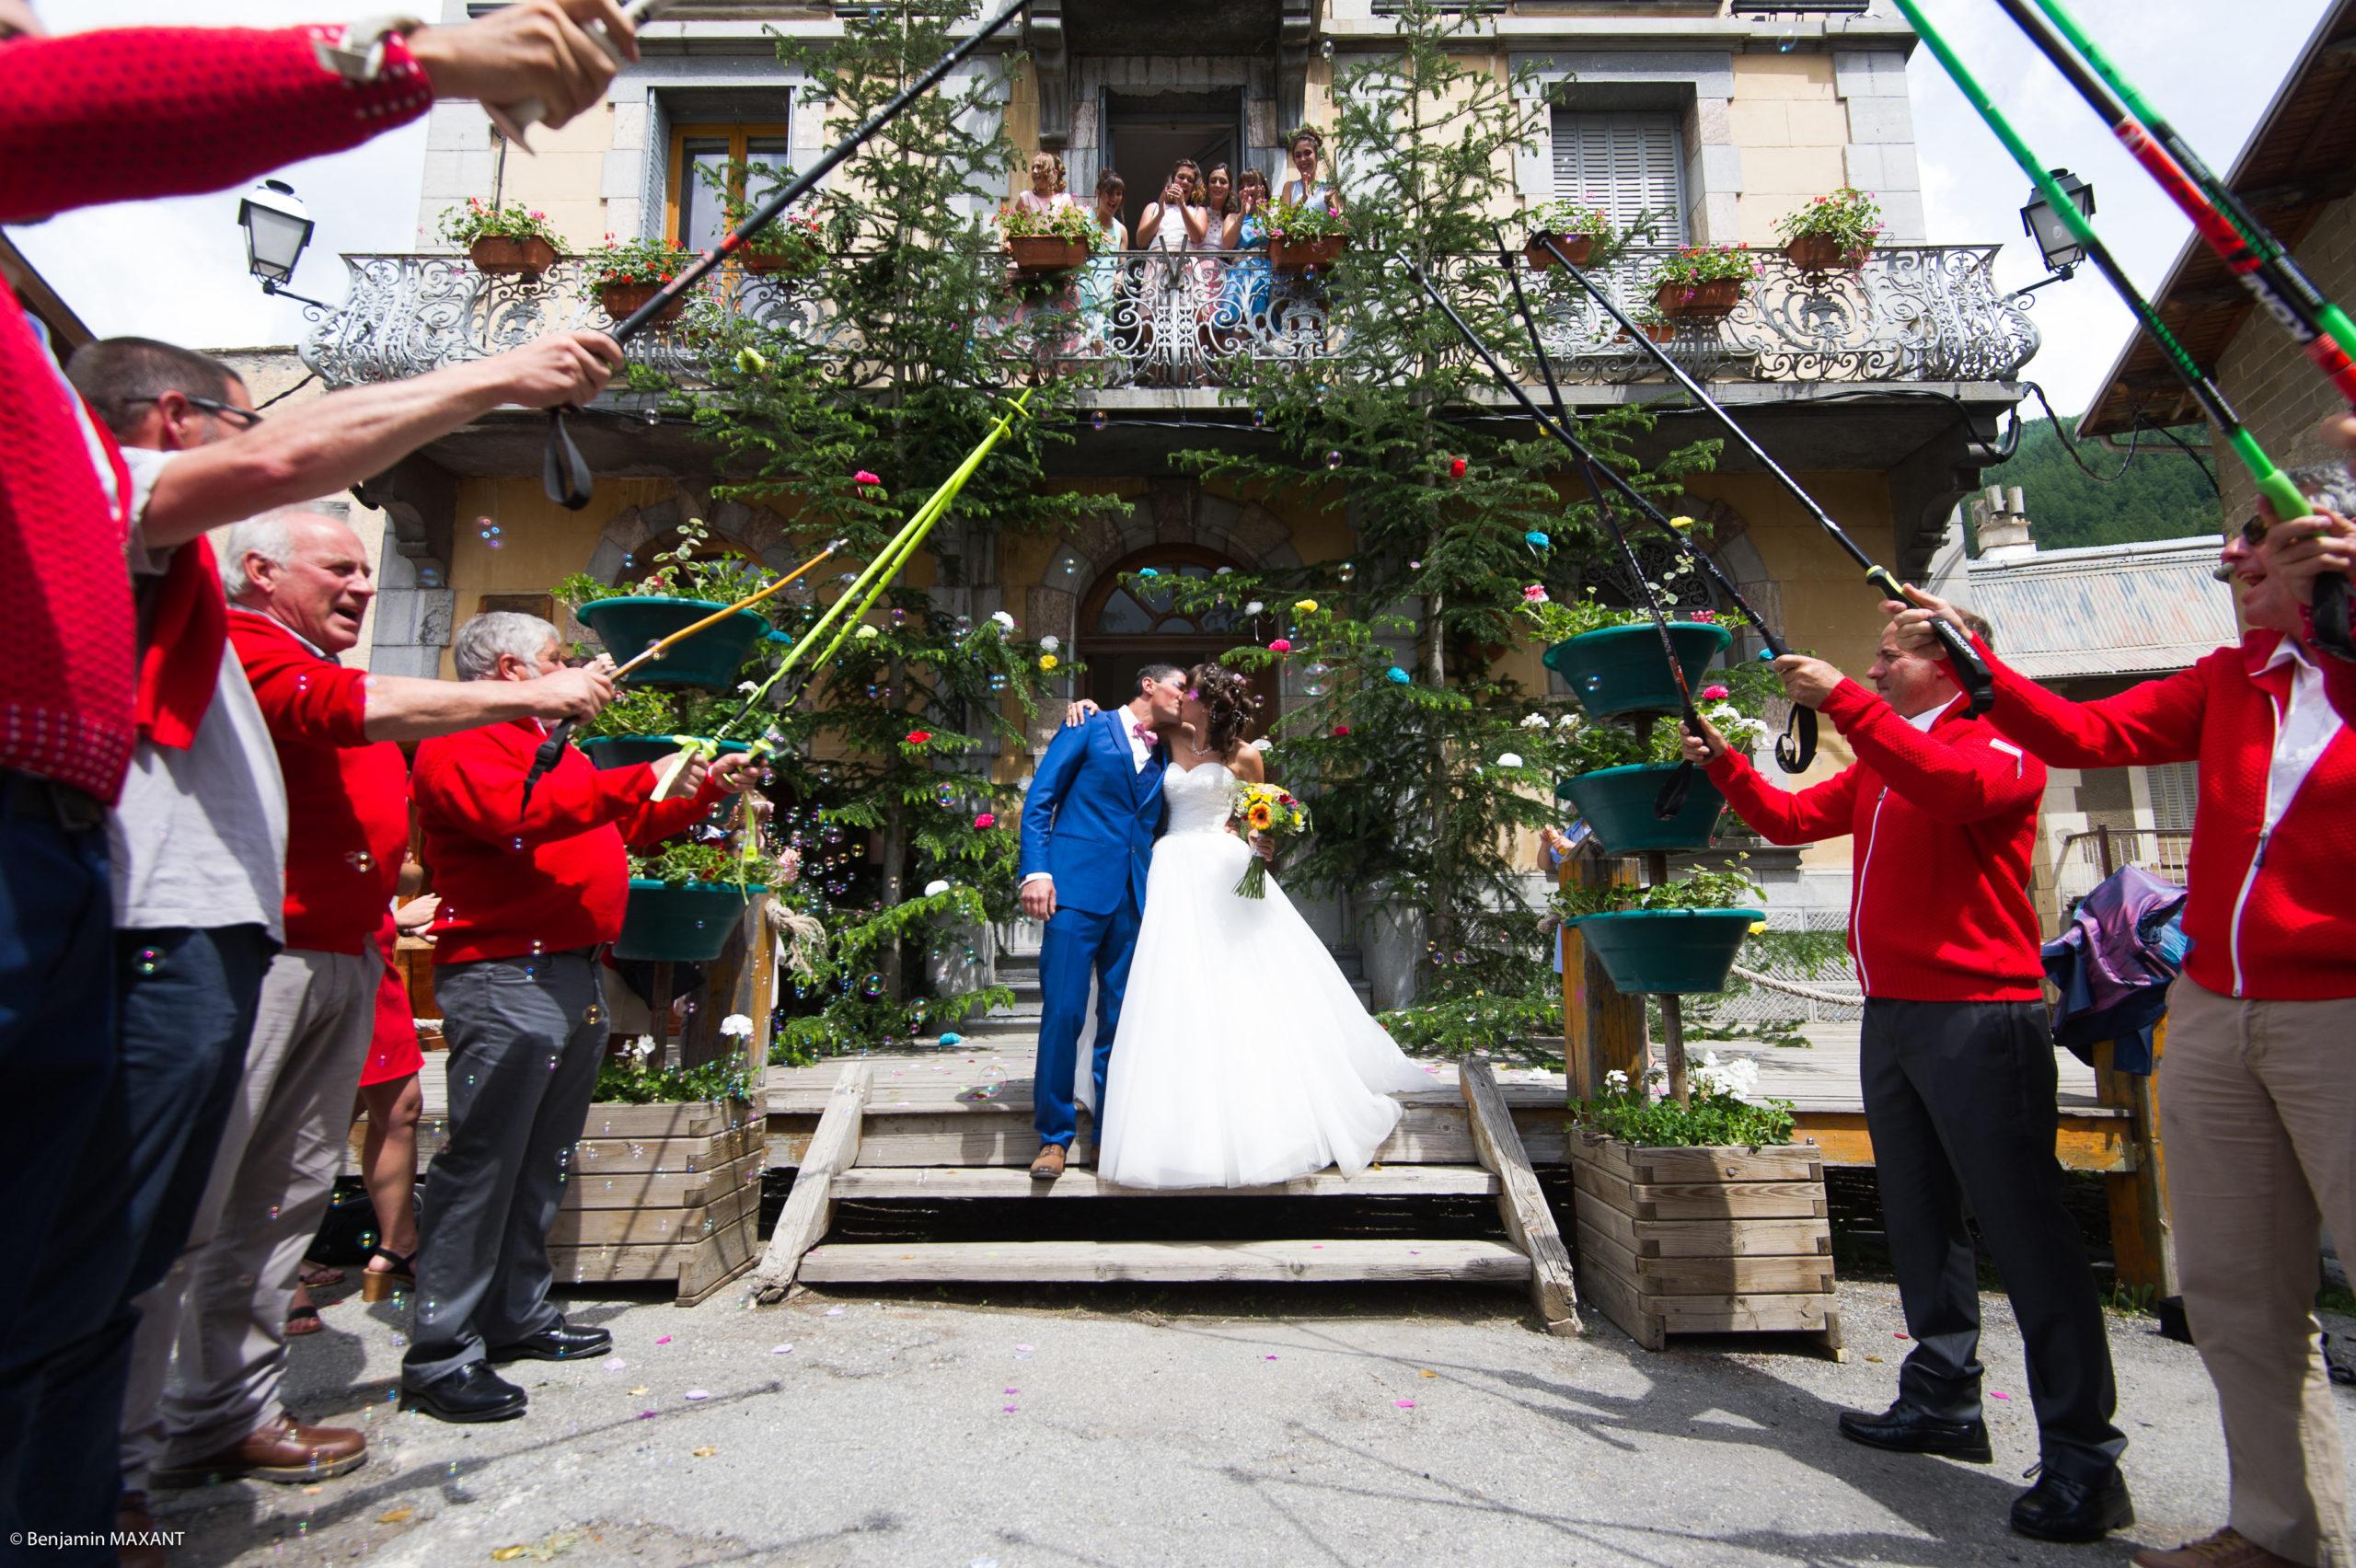 Le baiser des mariés devant la mairie d'Aiguilles